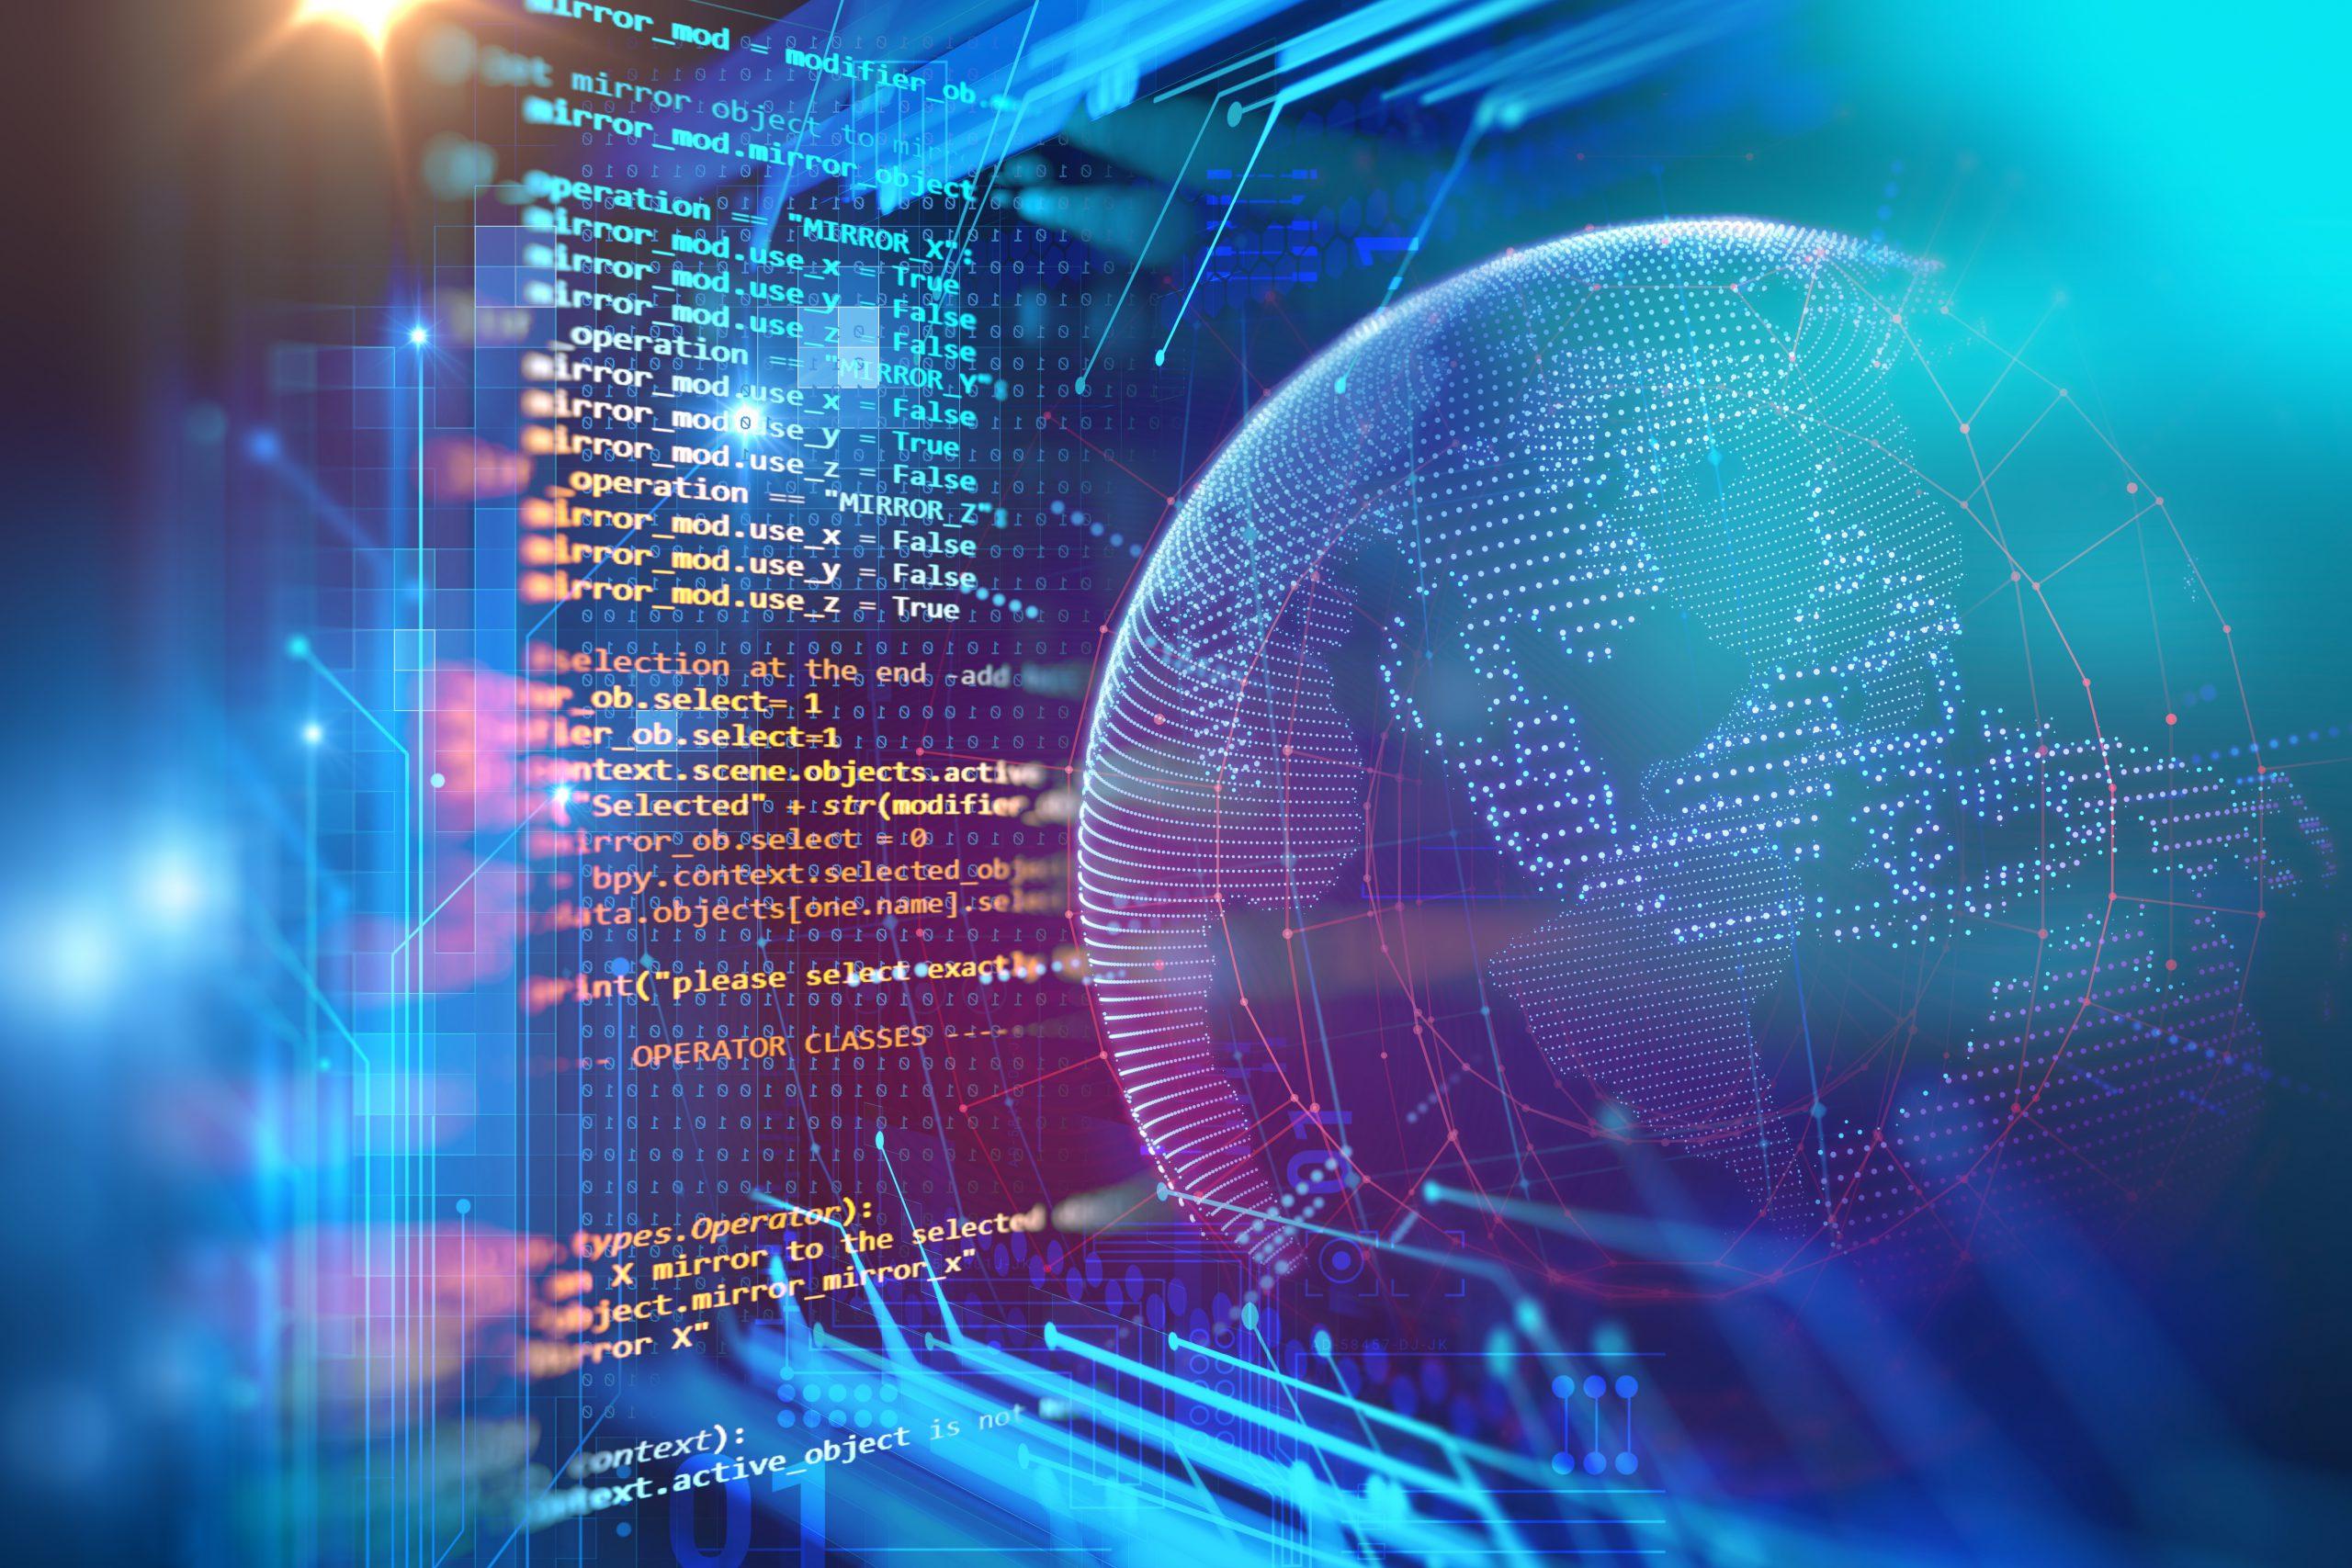 radiora 2 programming software download